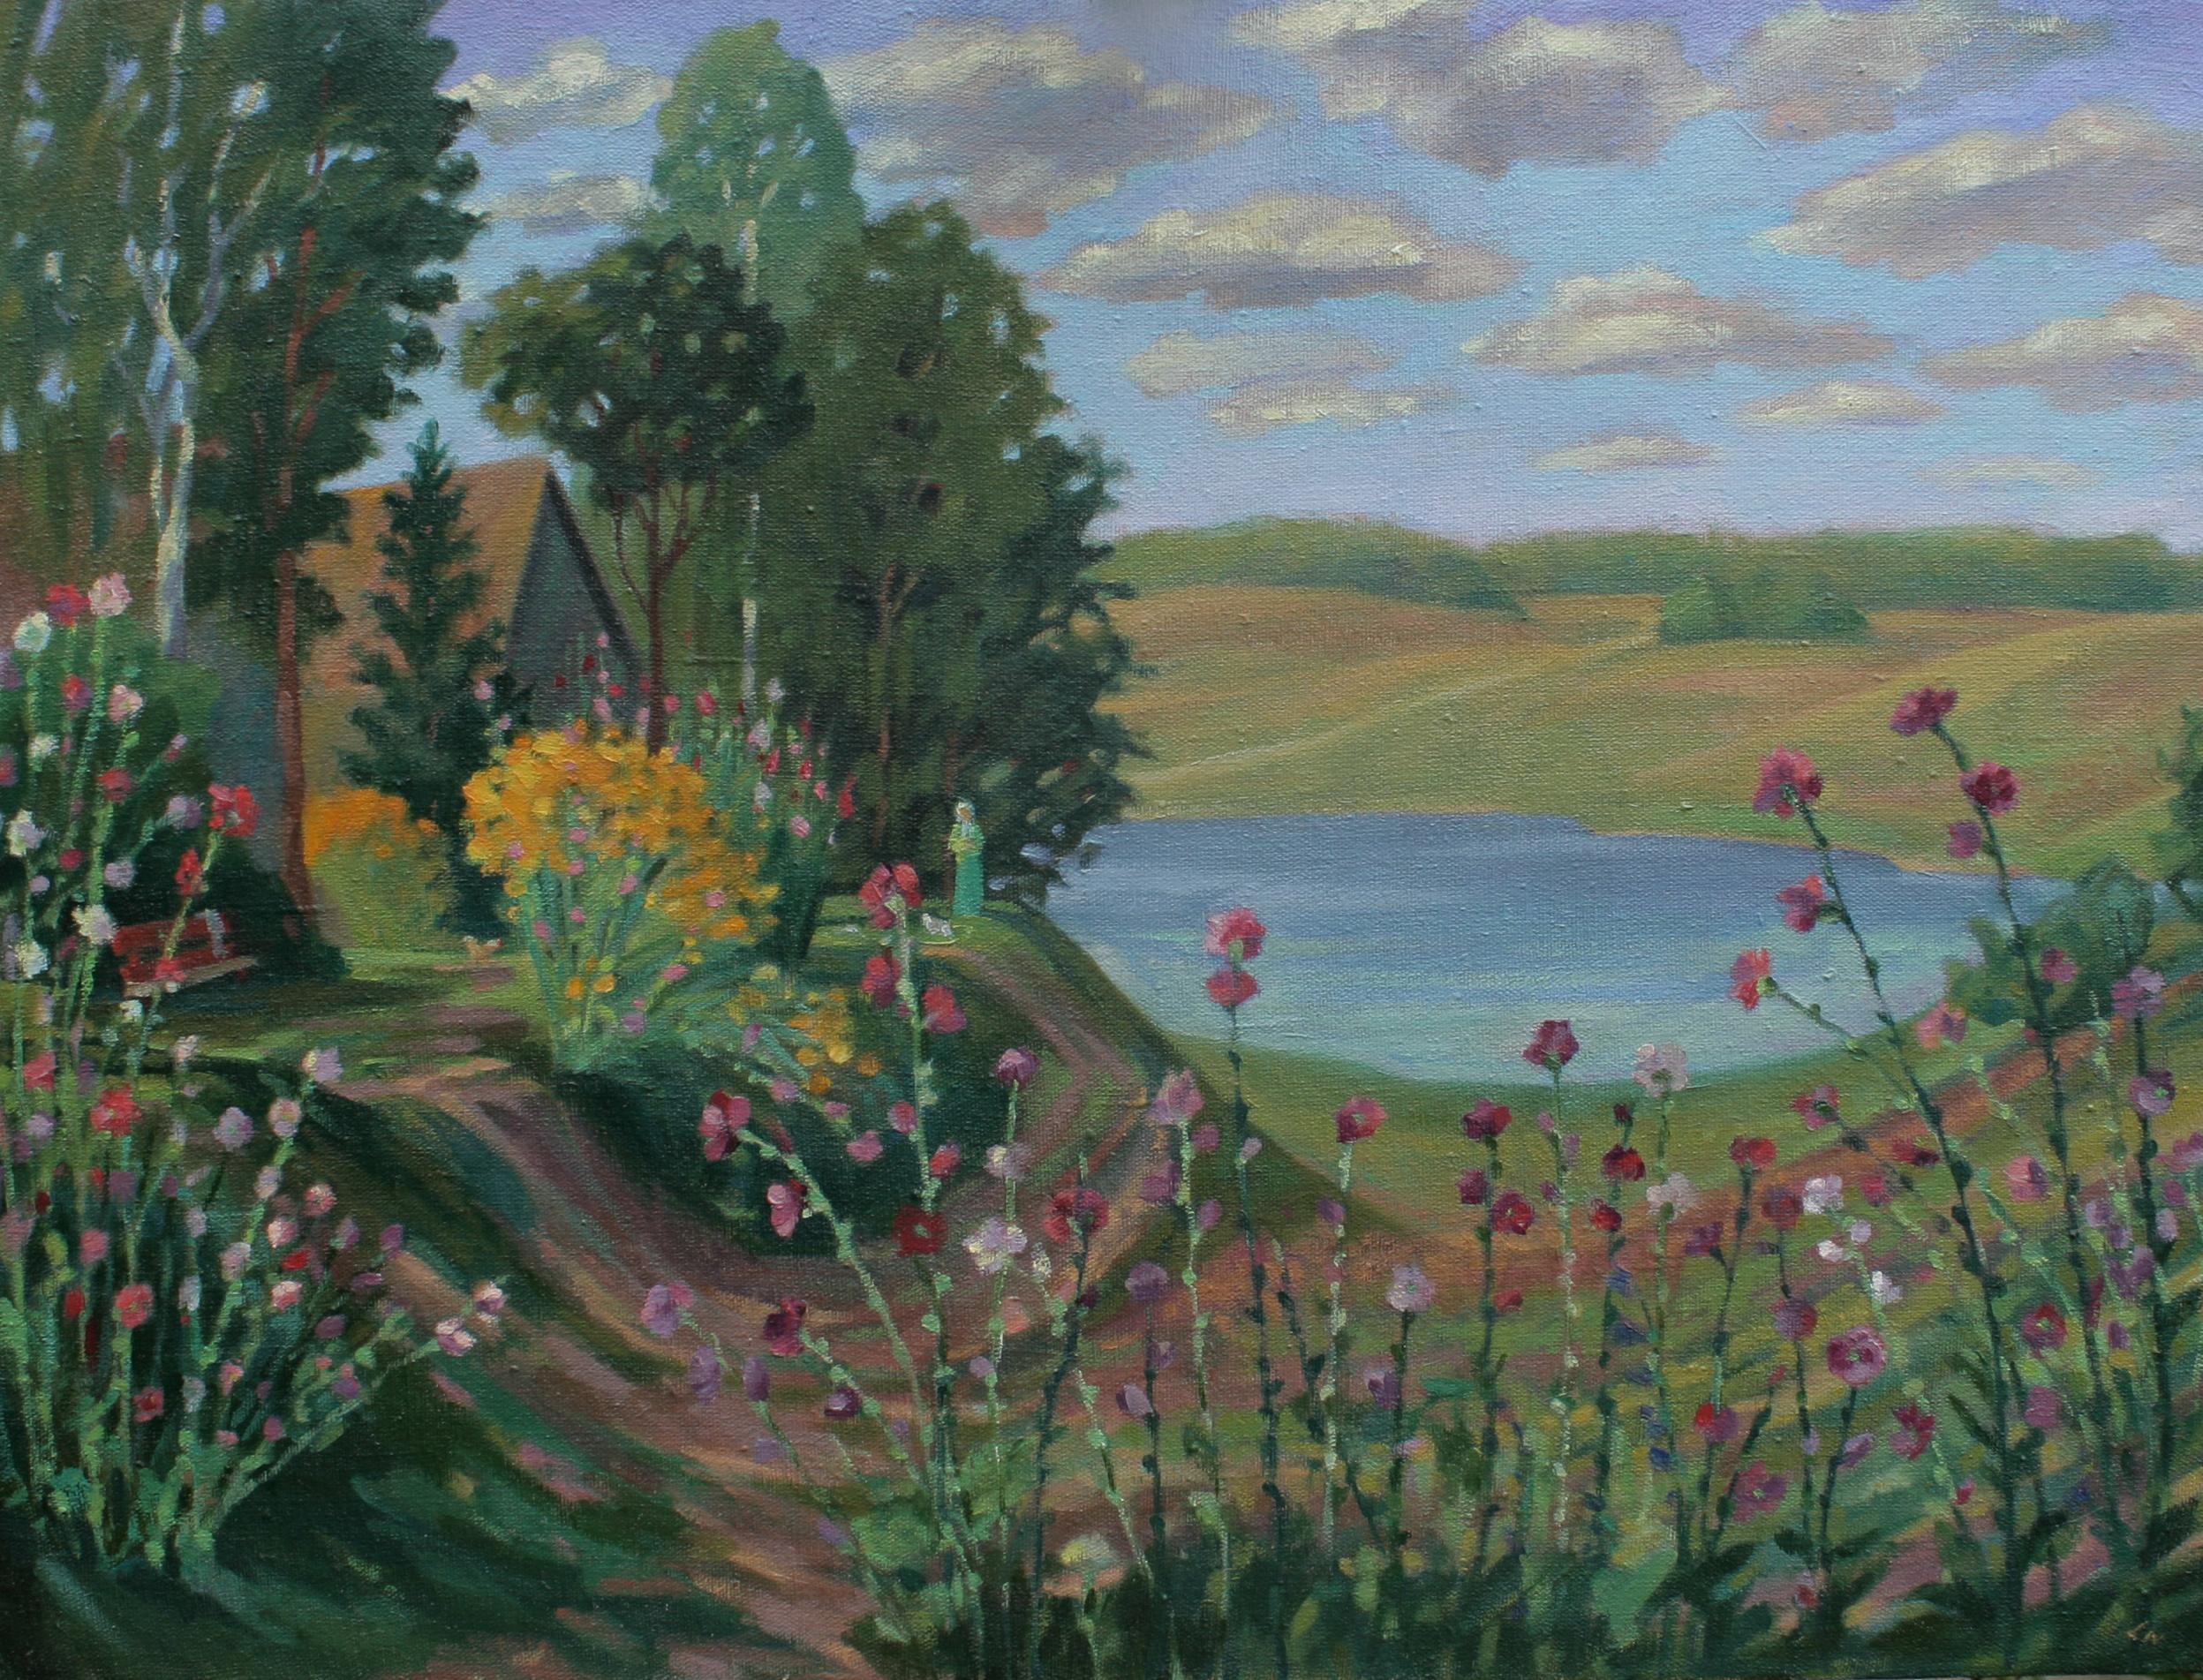 Село Горяны 2006г.